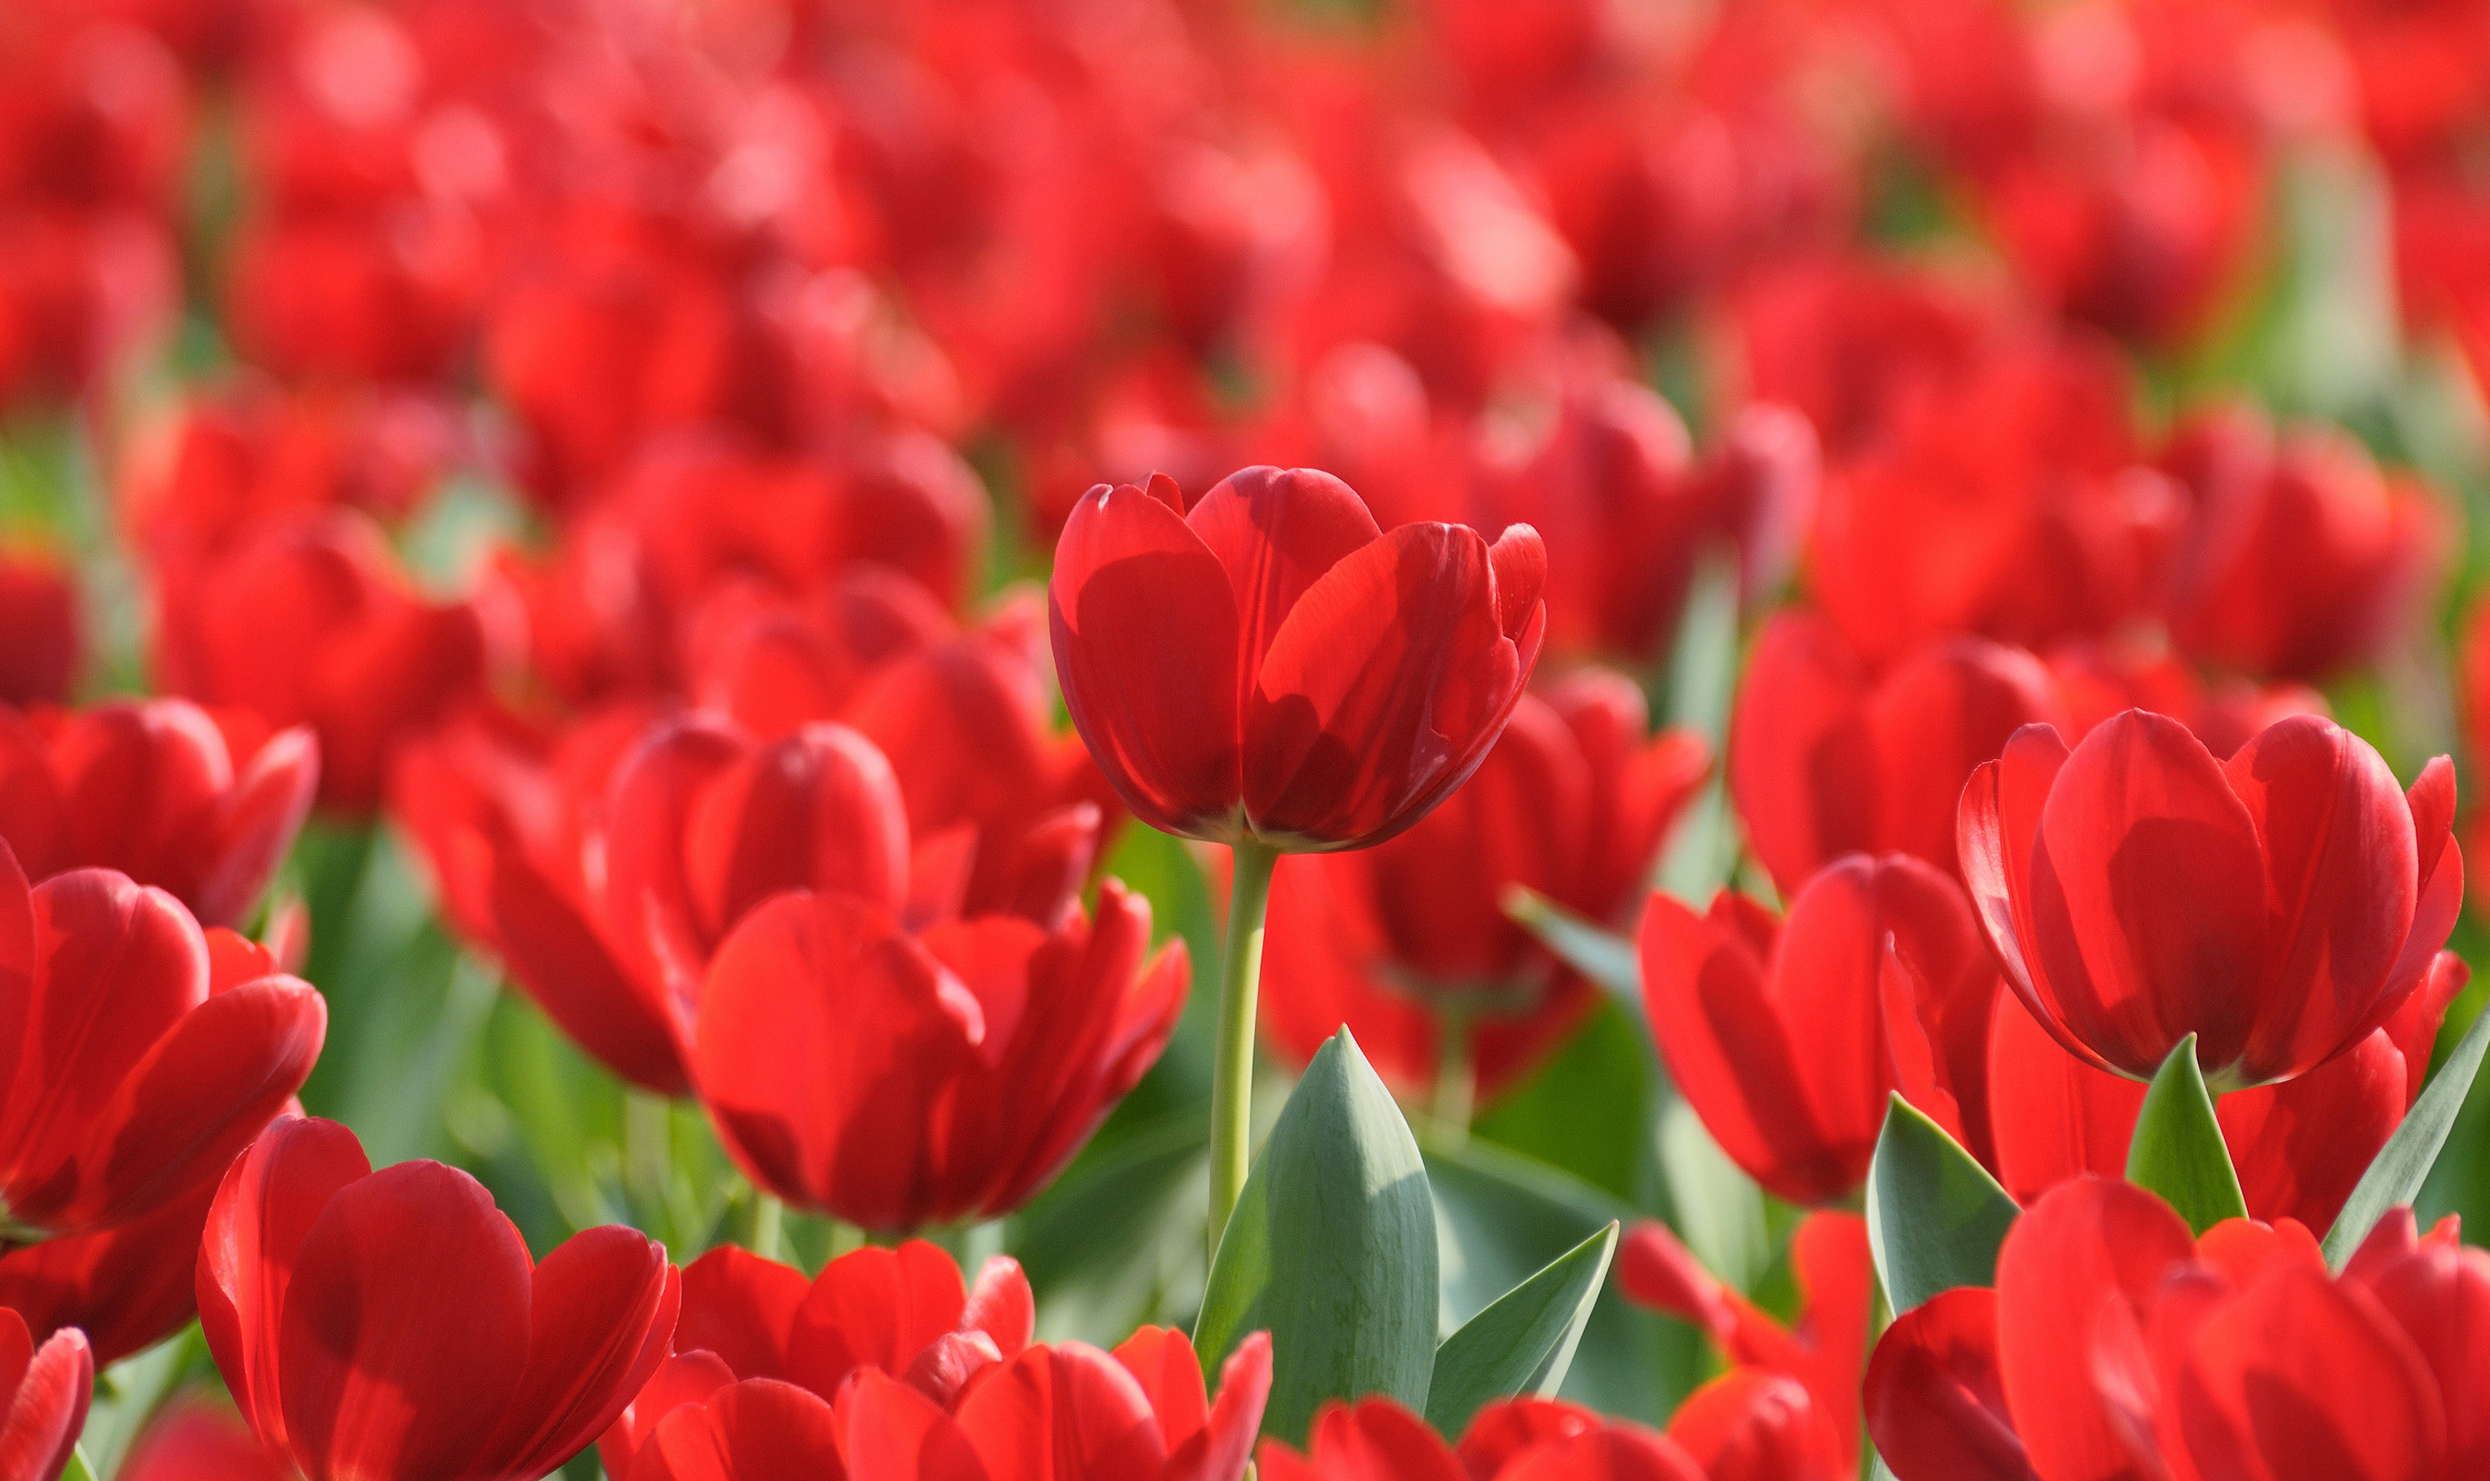 tulip-photo-102